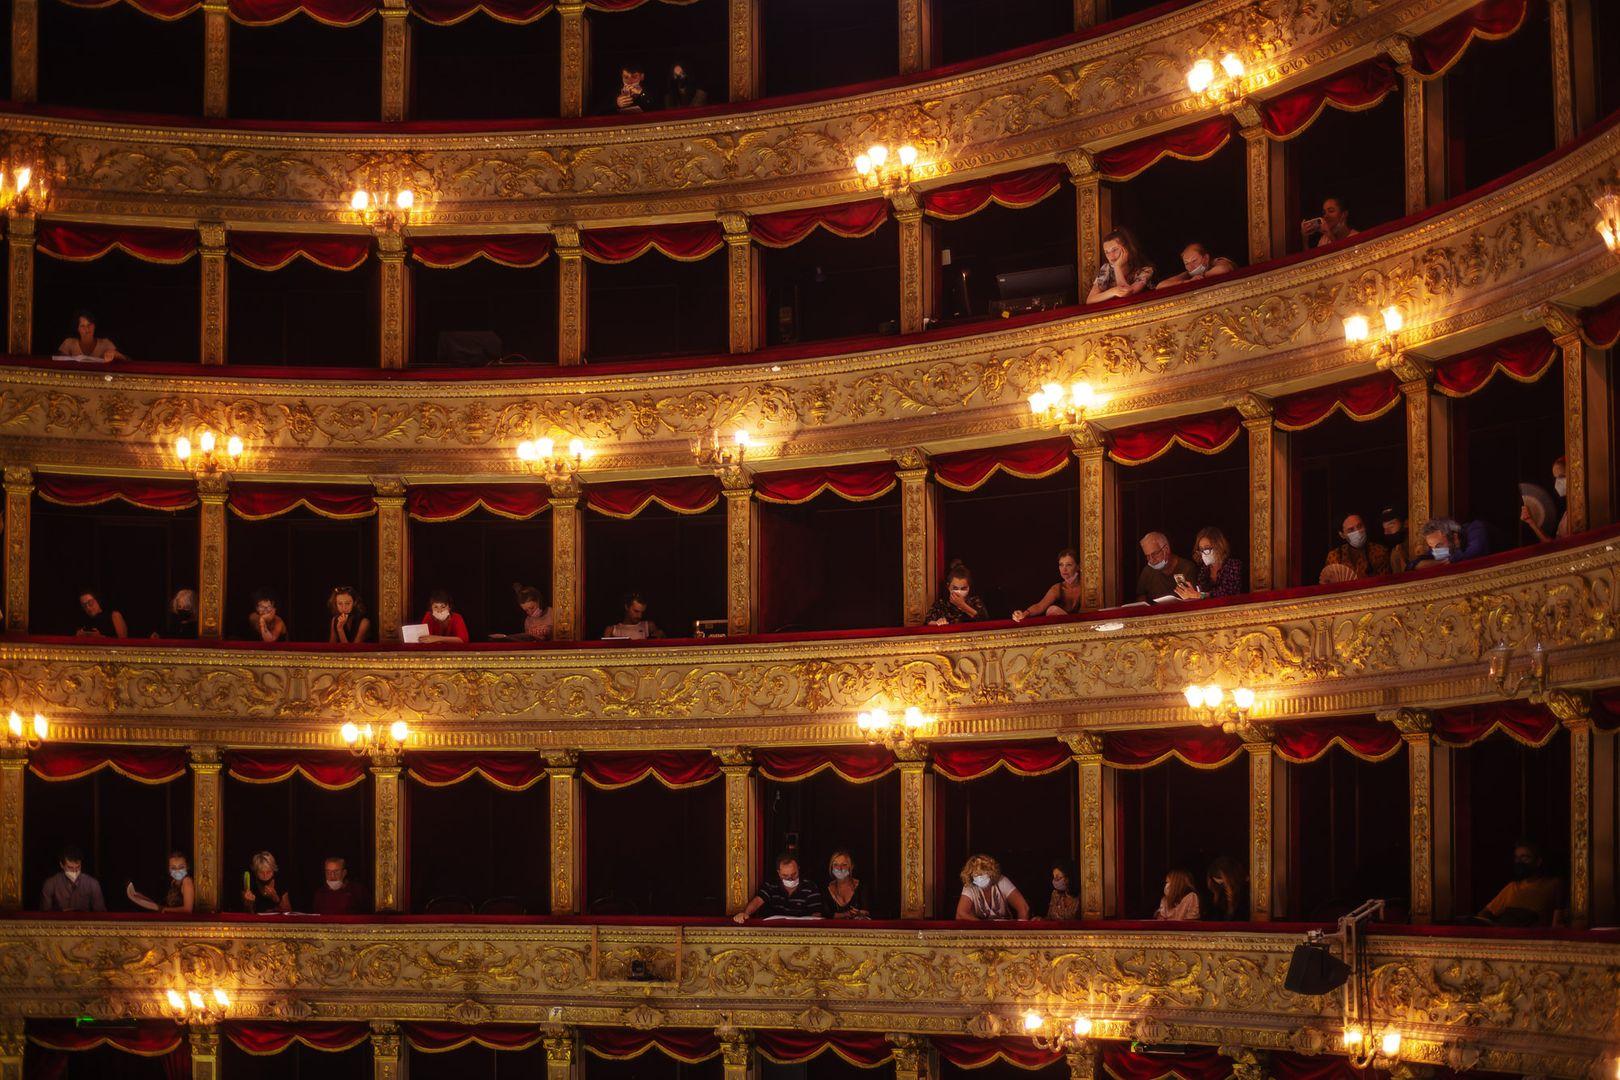 """Rugilės Barzdžiukaitės, Vaivos Grainytės, Linos Lapelytės opera-performansas """"Saulė ir jūra"""", """"Teatro Argentina"""", Roma, 2021."""